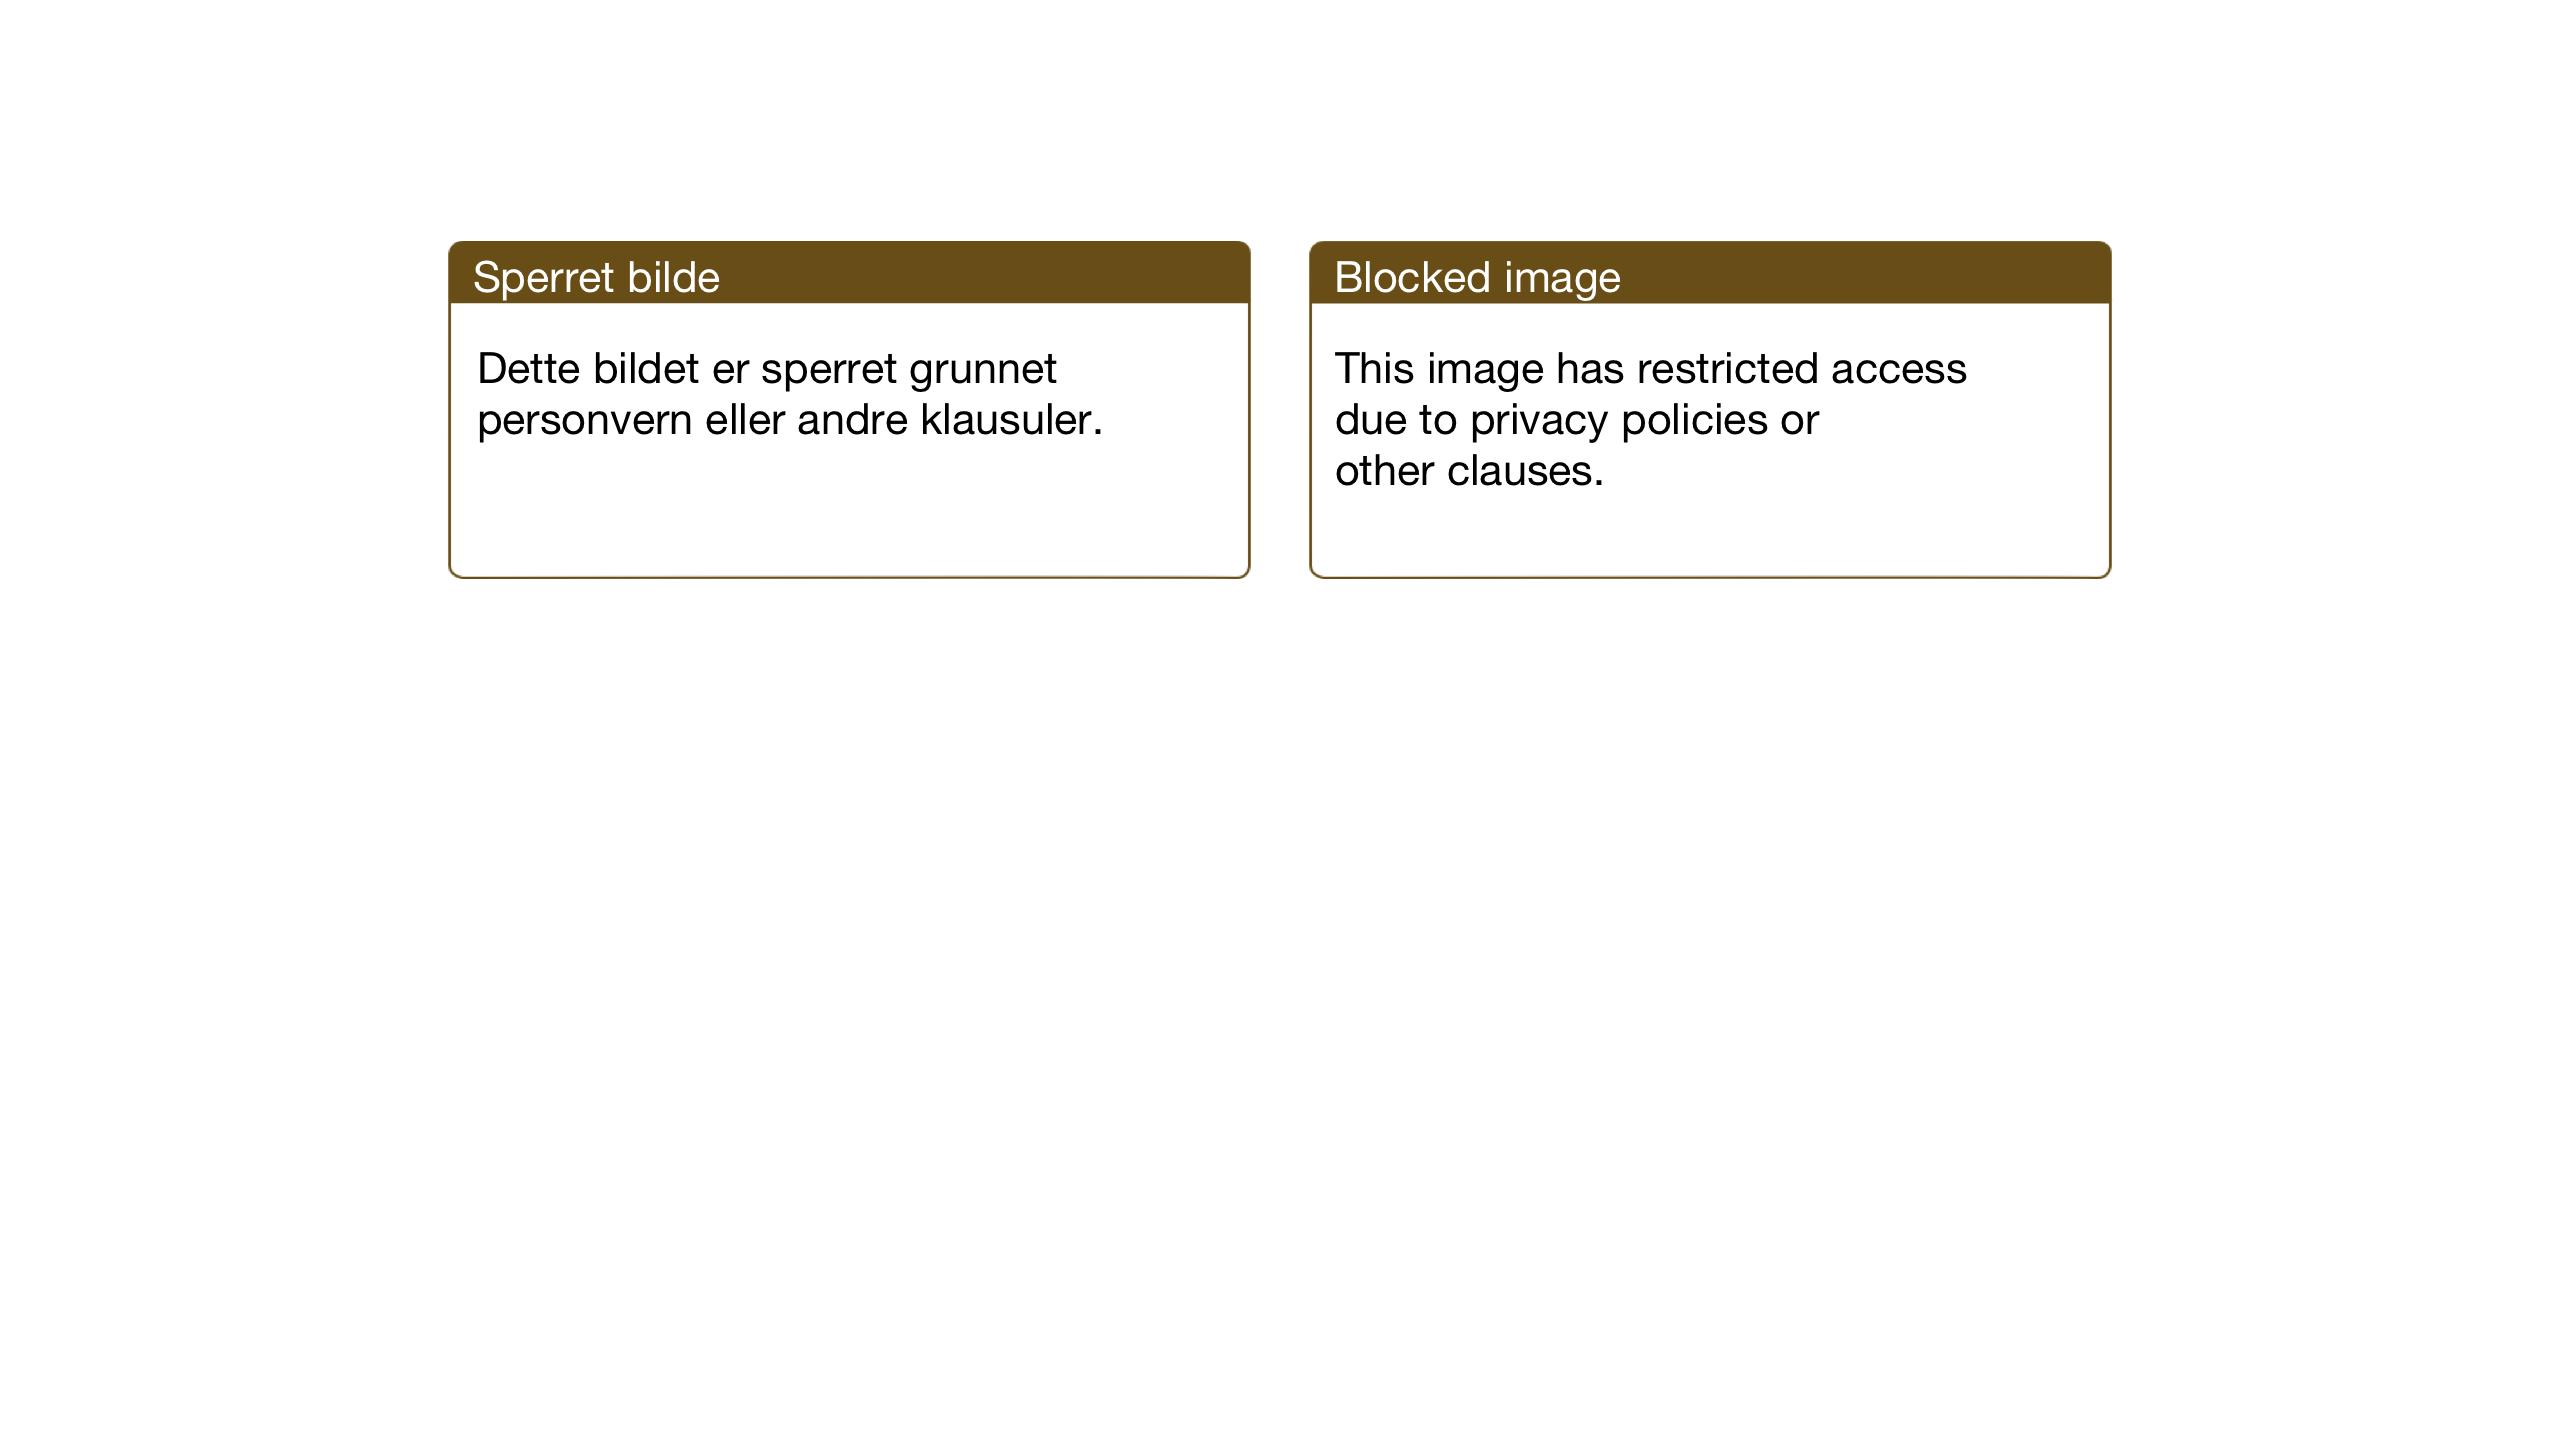 SAT, Ministerialprotokoller, klokkerbøker og fødselsregistre - Nord-Trøndelag, 746/L0456: Klokkerbok nr. 746C02, 1936-1948, s. 35